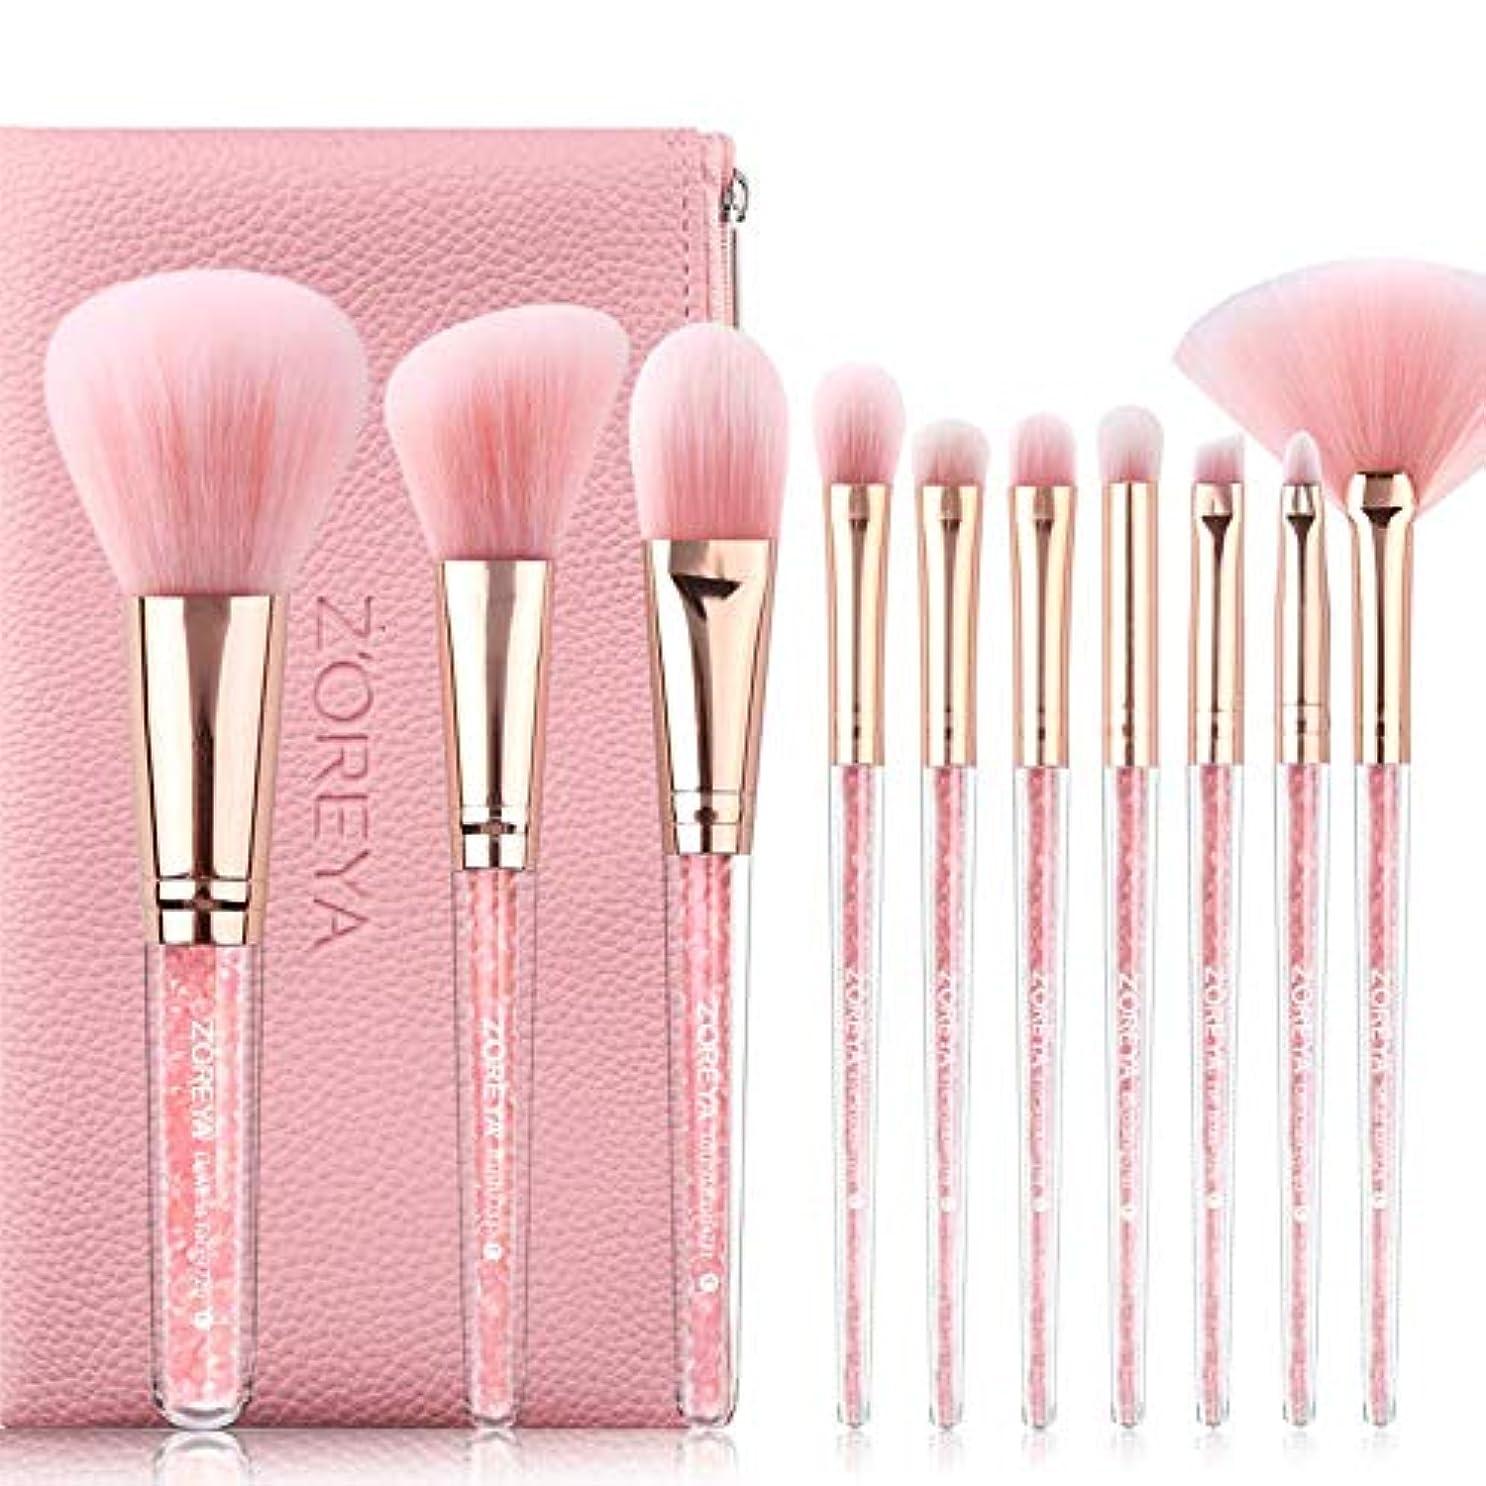 小麦批判的にアウターメイクブラシ コスメブラシ 化粧筆 専用の化粧ポーチ付き、携帯便利 可愛い 10本セッ本セット